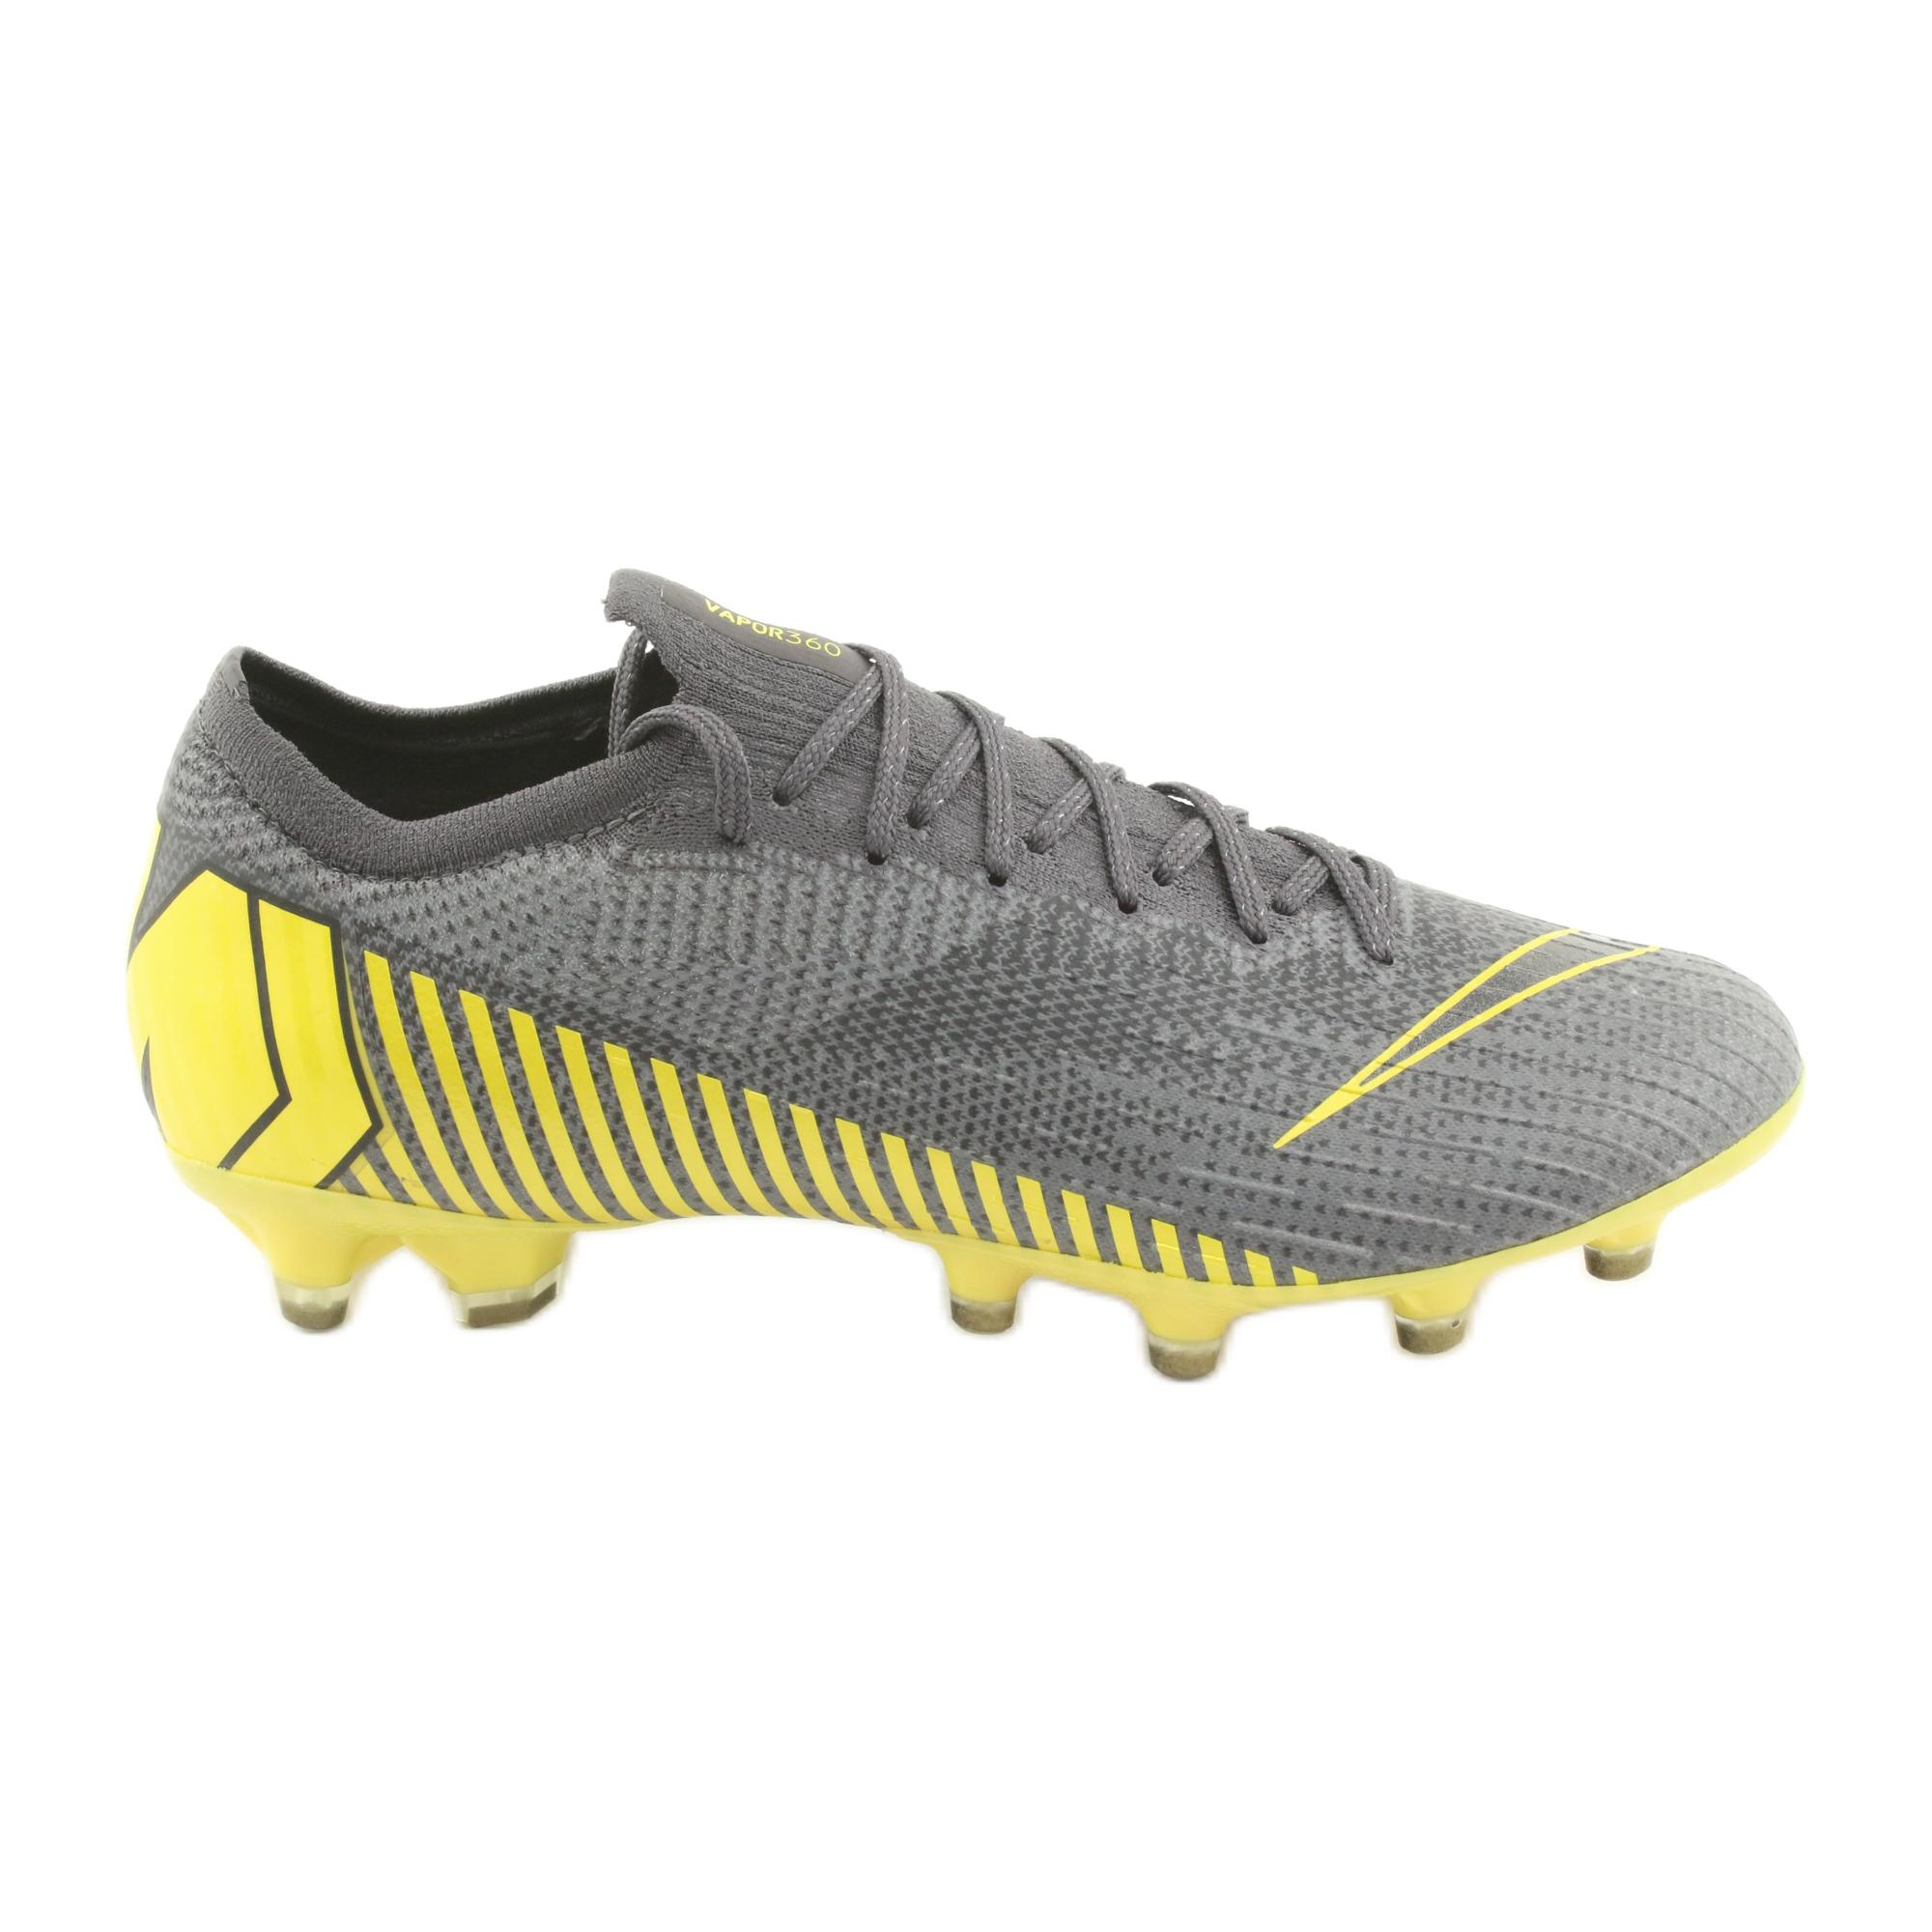 Nike Mercurial Vapor 12 Elite Ag Pro M AH7379 070 Fußballschuhe grau silber grau